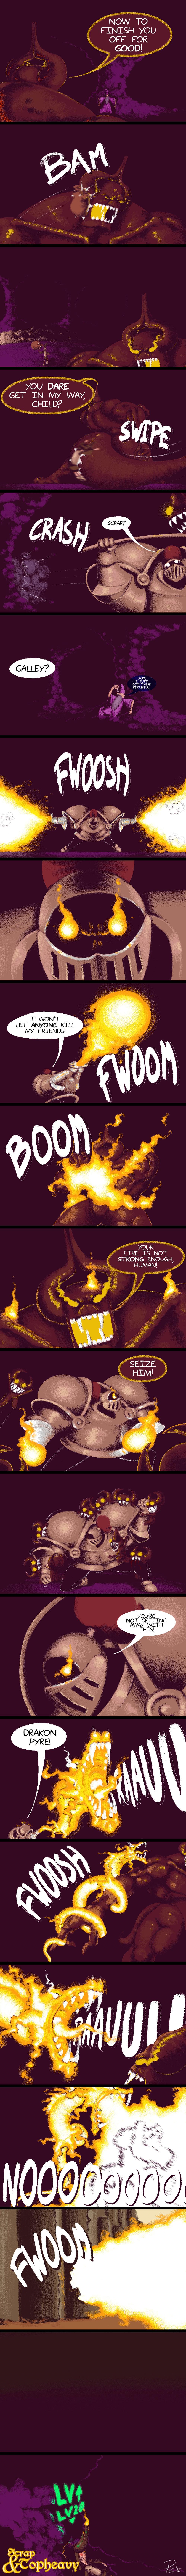 Comic20.jpg